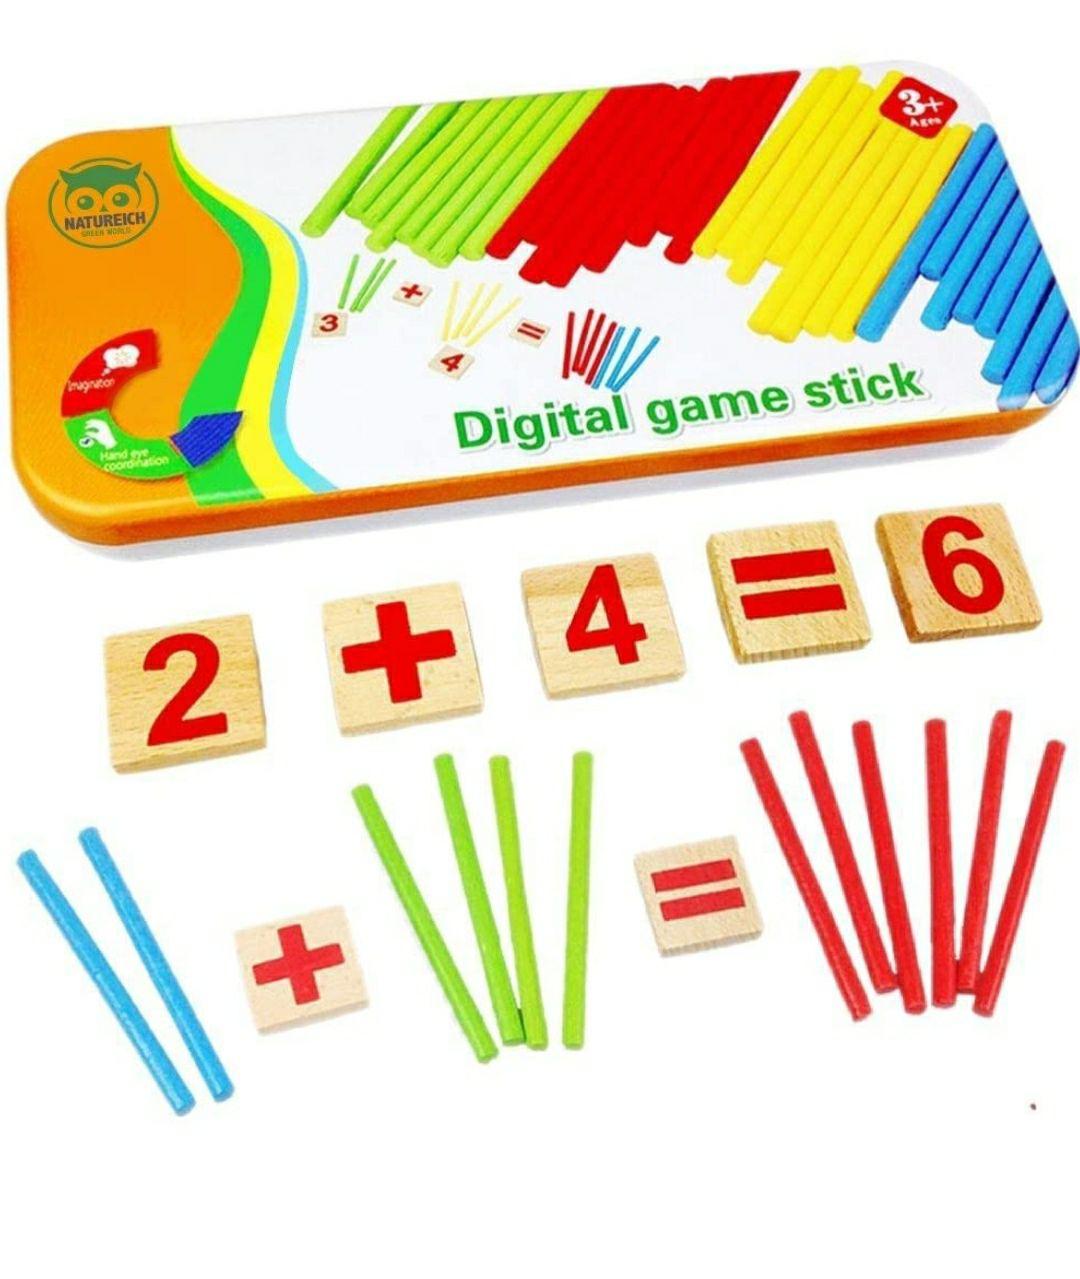 Natureich Montessori Juguete educativo de matemáticas de madera con caja de metal incluida